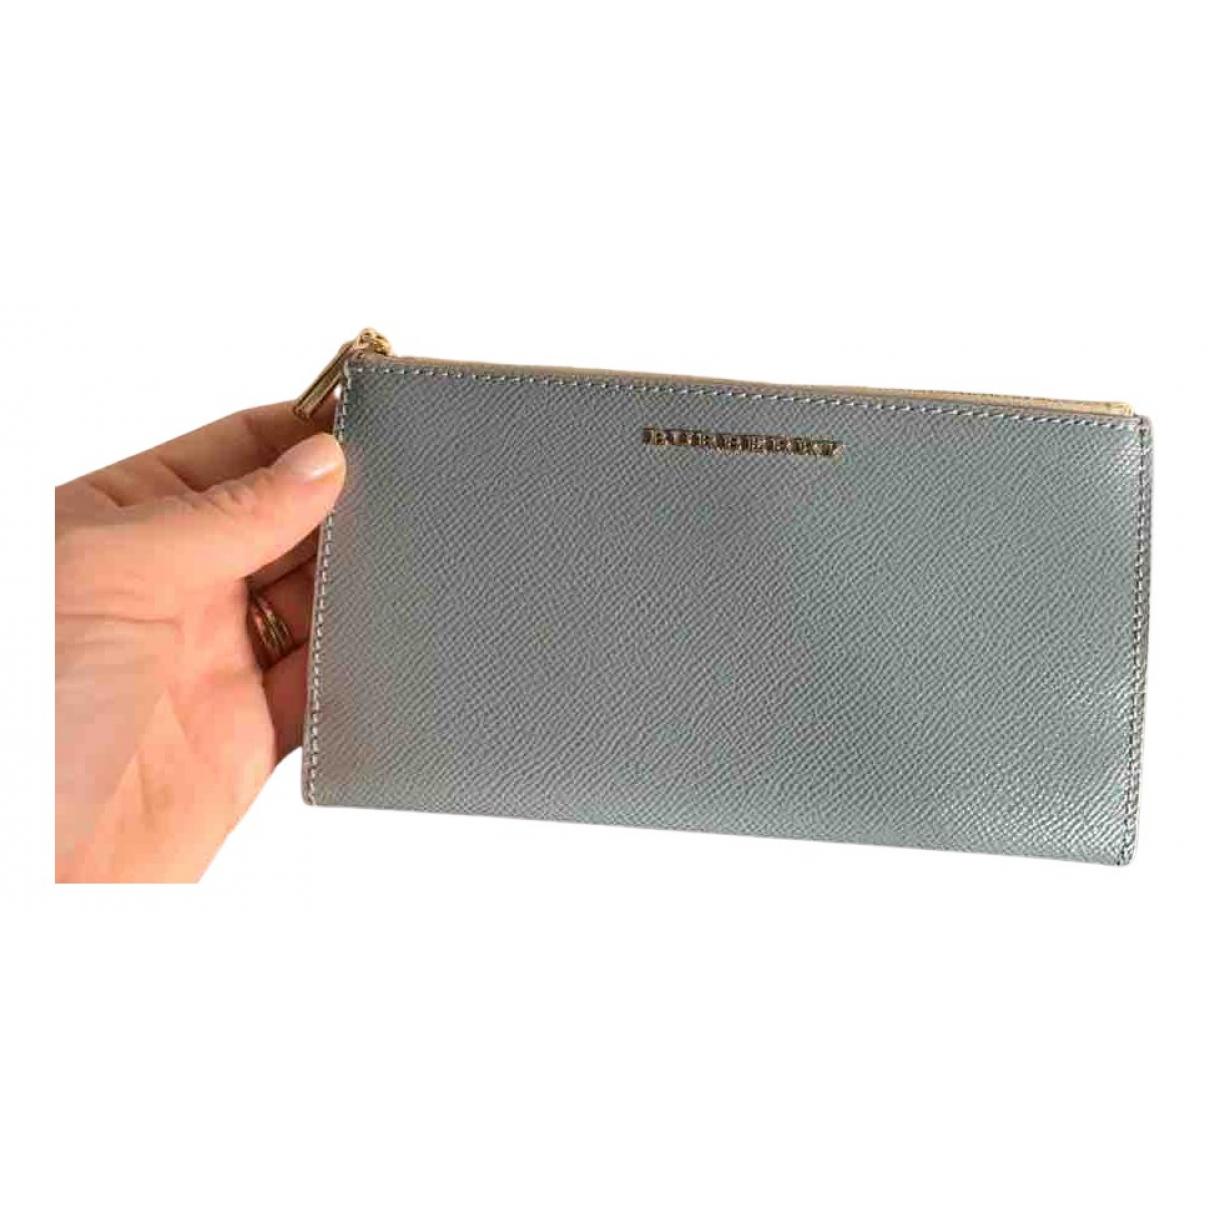 Burberry - Portefeuille   pour femme en cuir - turquoise